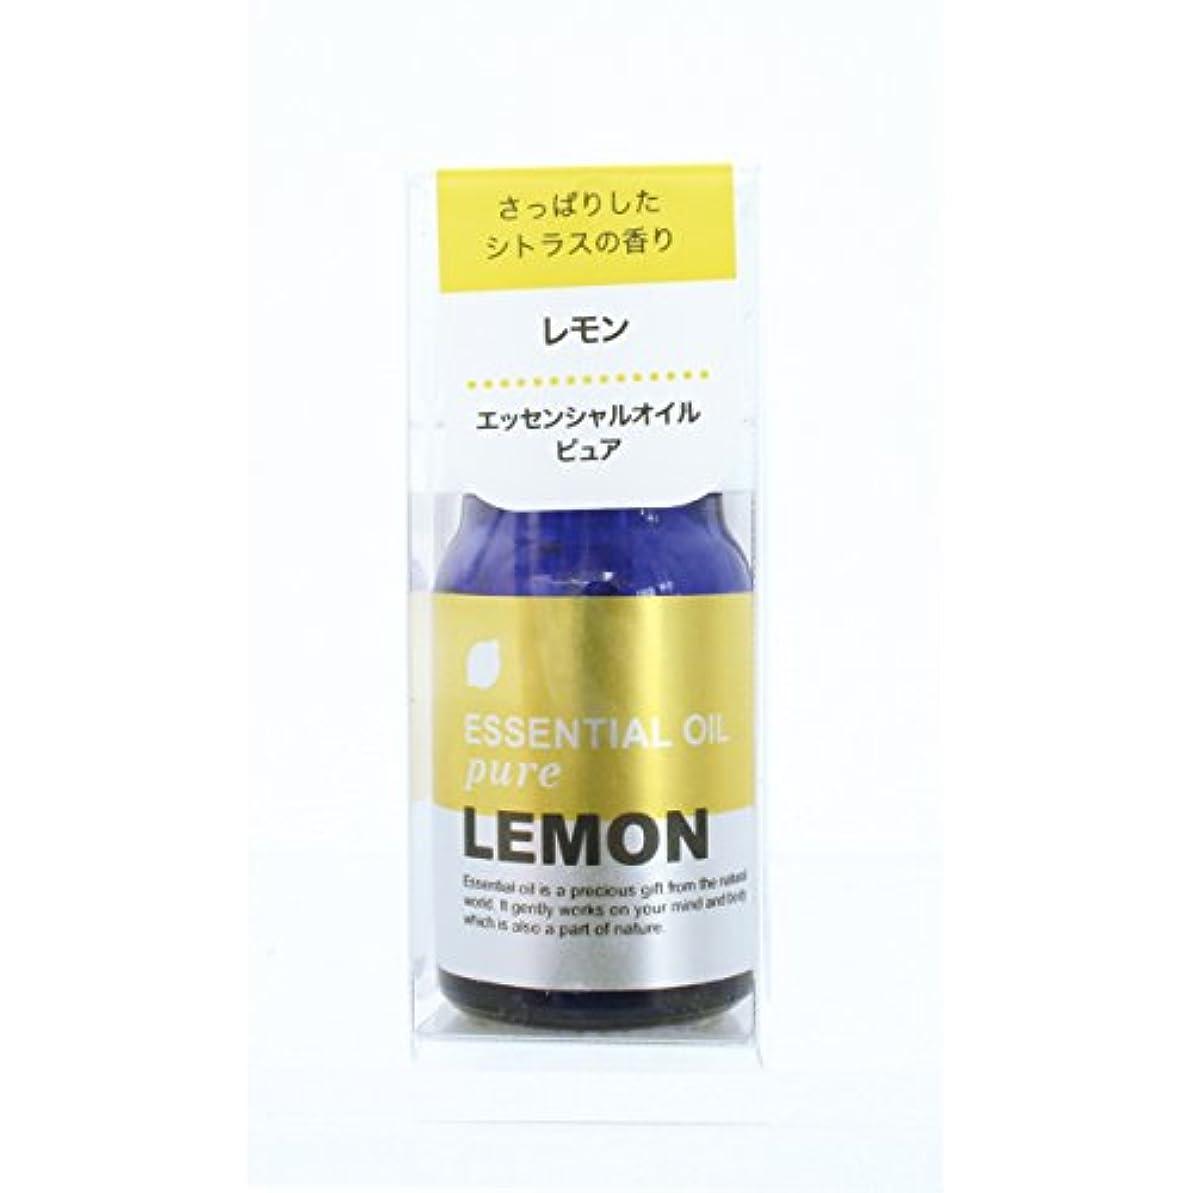 エンゲージメント旅客ポークプチエッセンシャルオイル レモン